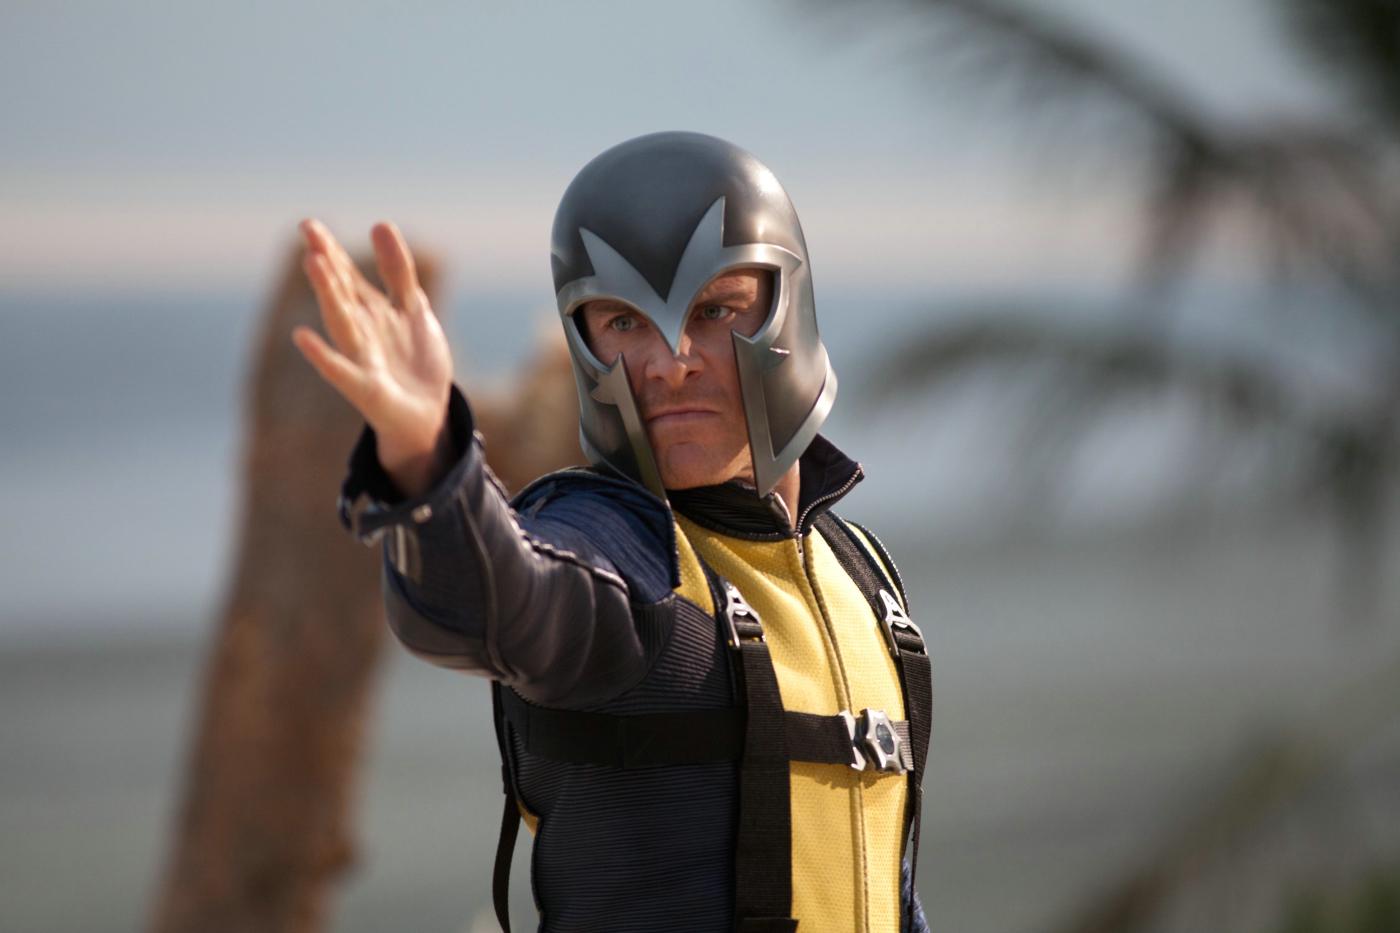 Erik Lehnsherr / Magneto (Michael Fassbender)